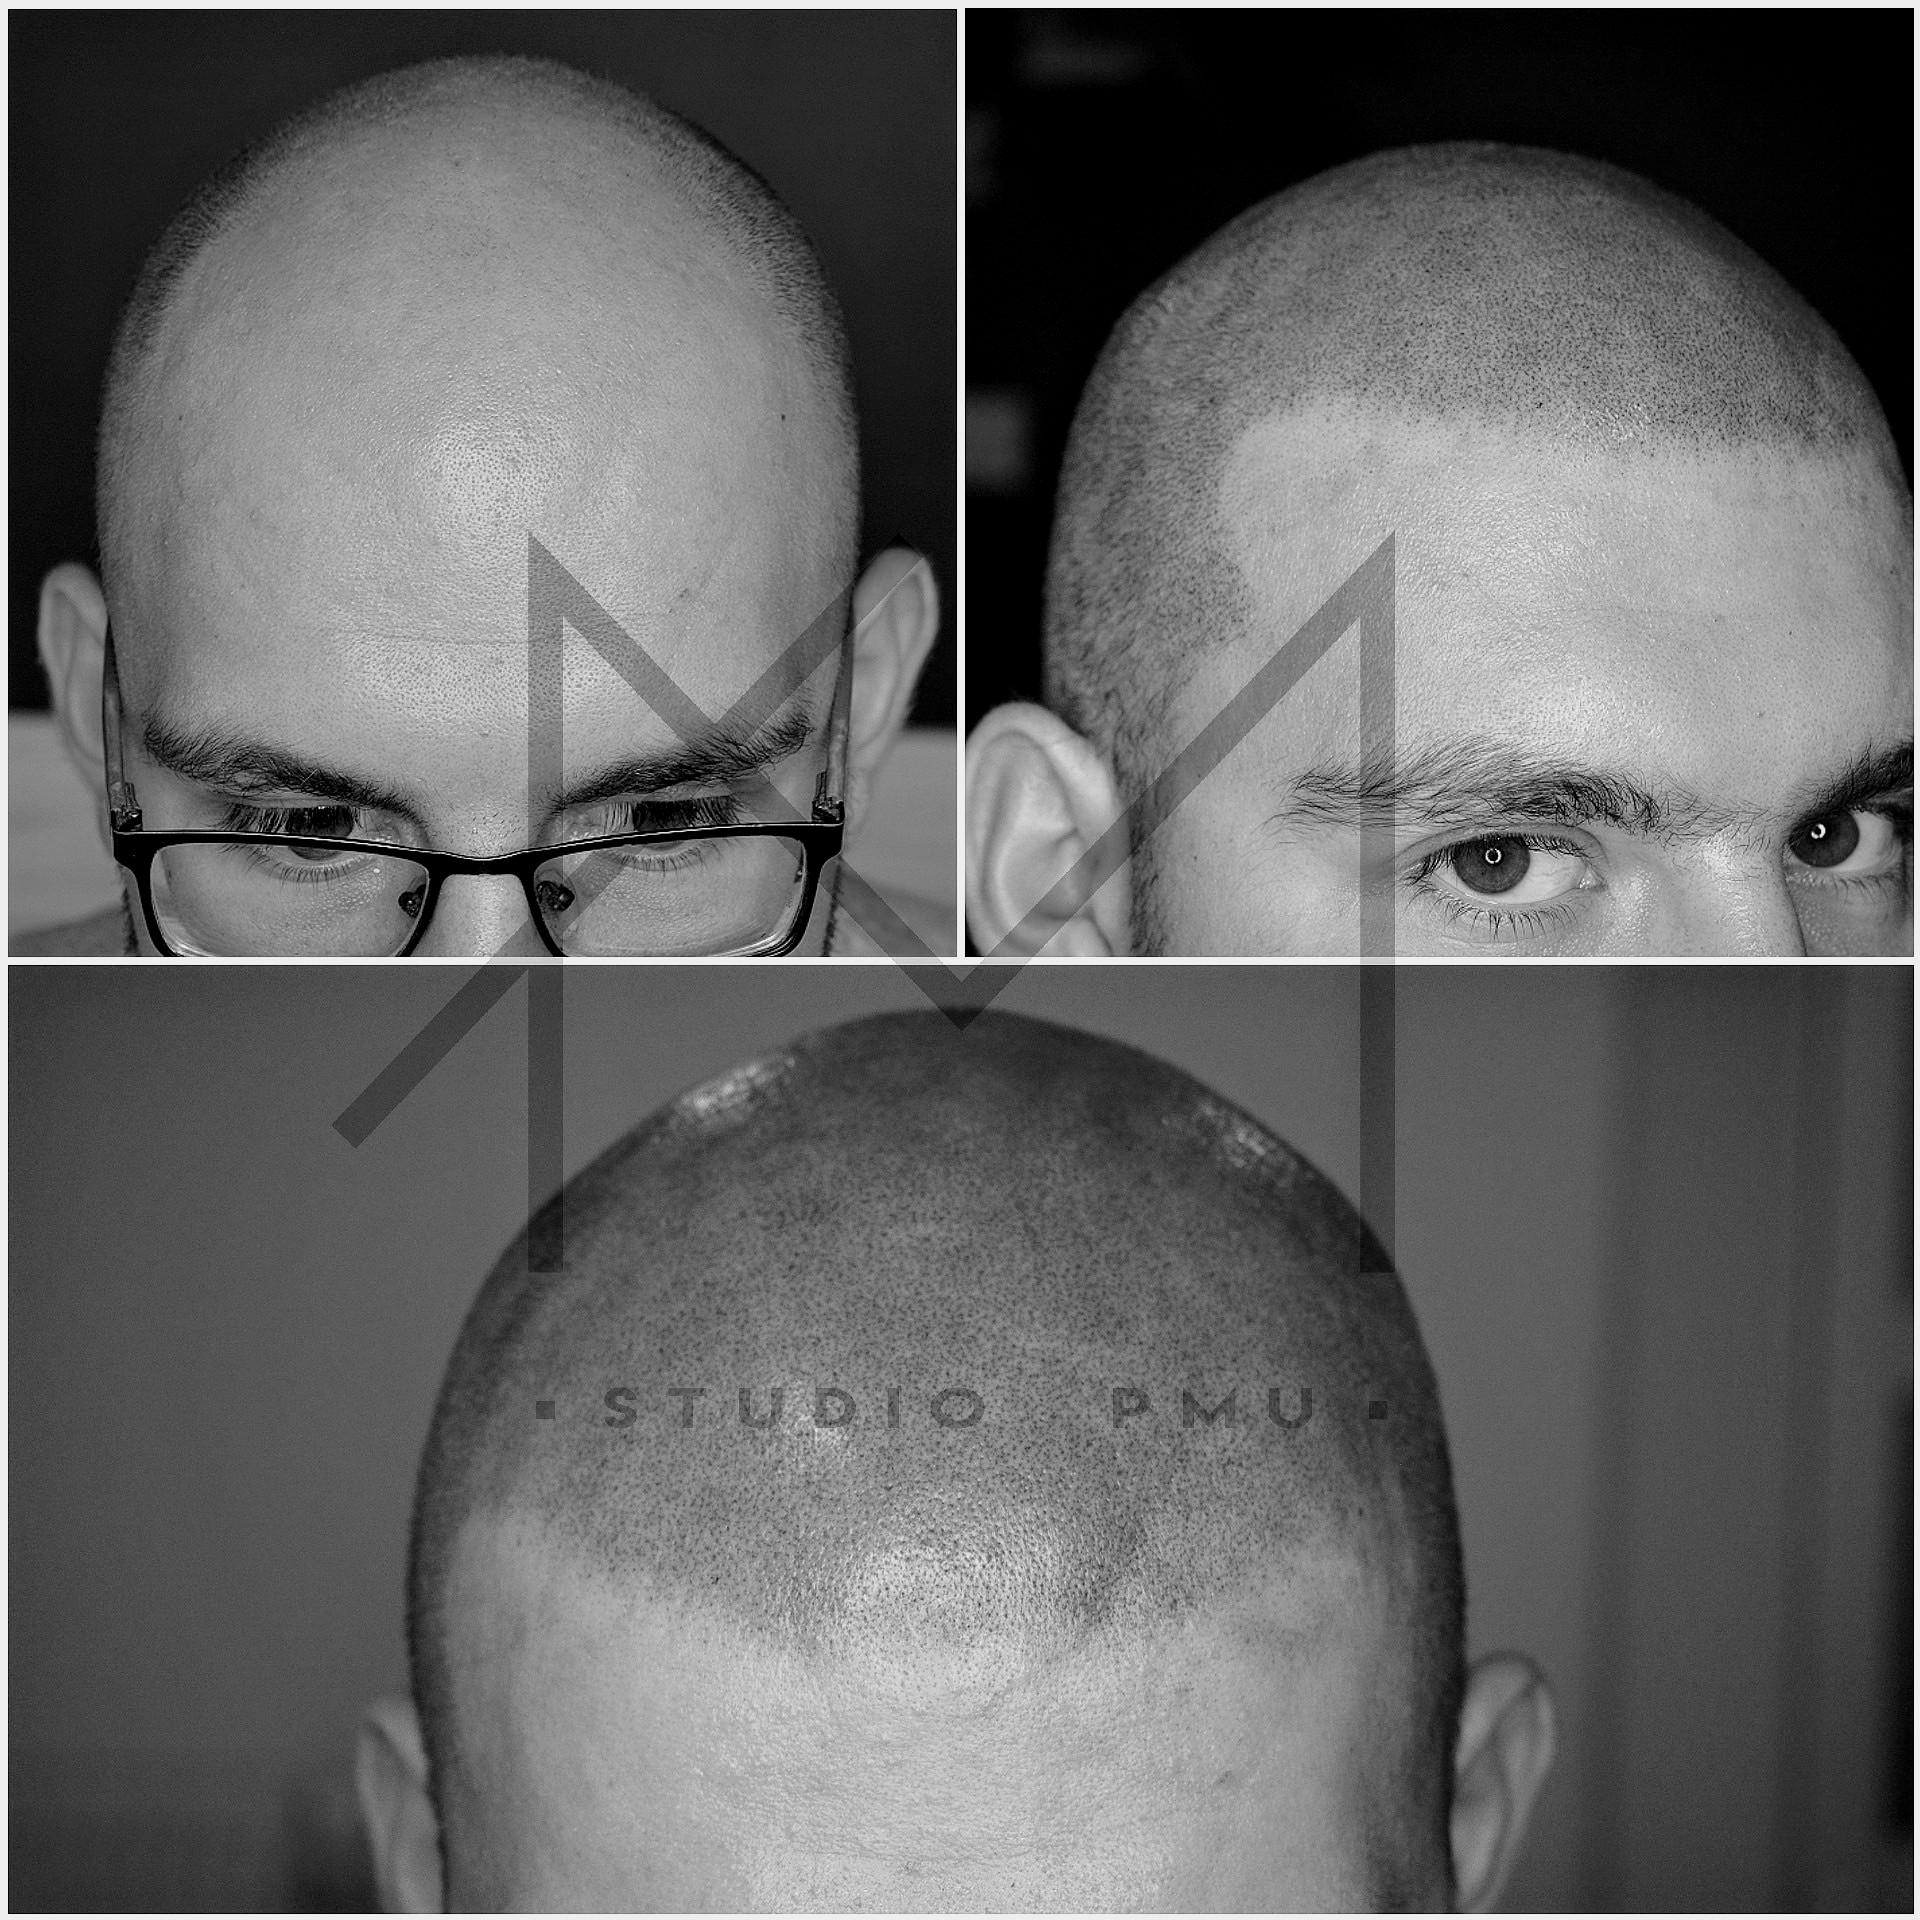 Mikropigmentacja Skóry Głowy Mikropigmentacja Medyczna Włosów Łódź Mikropigmentacja Głowy q